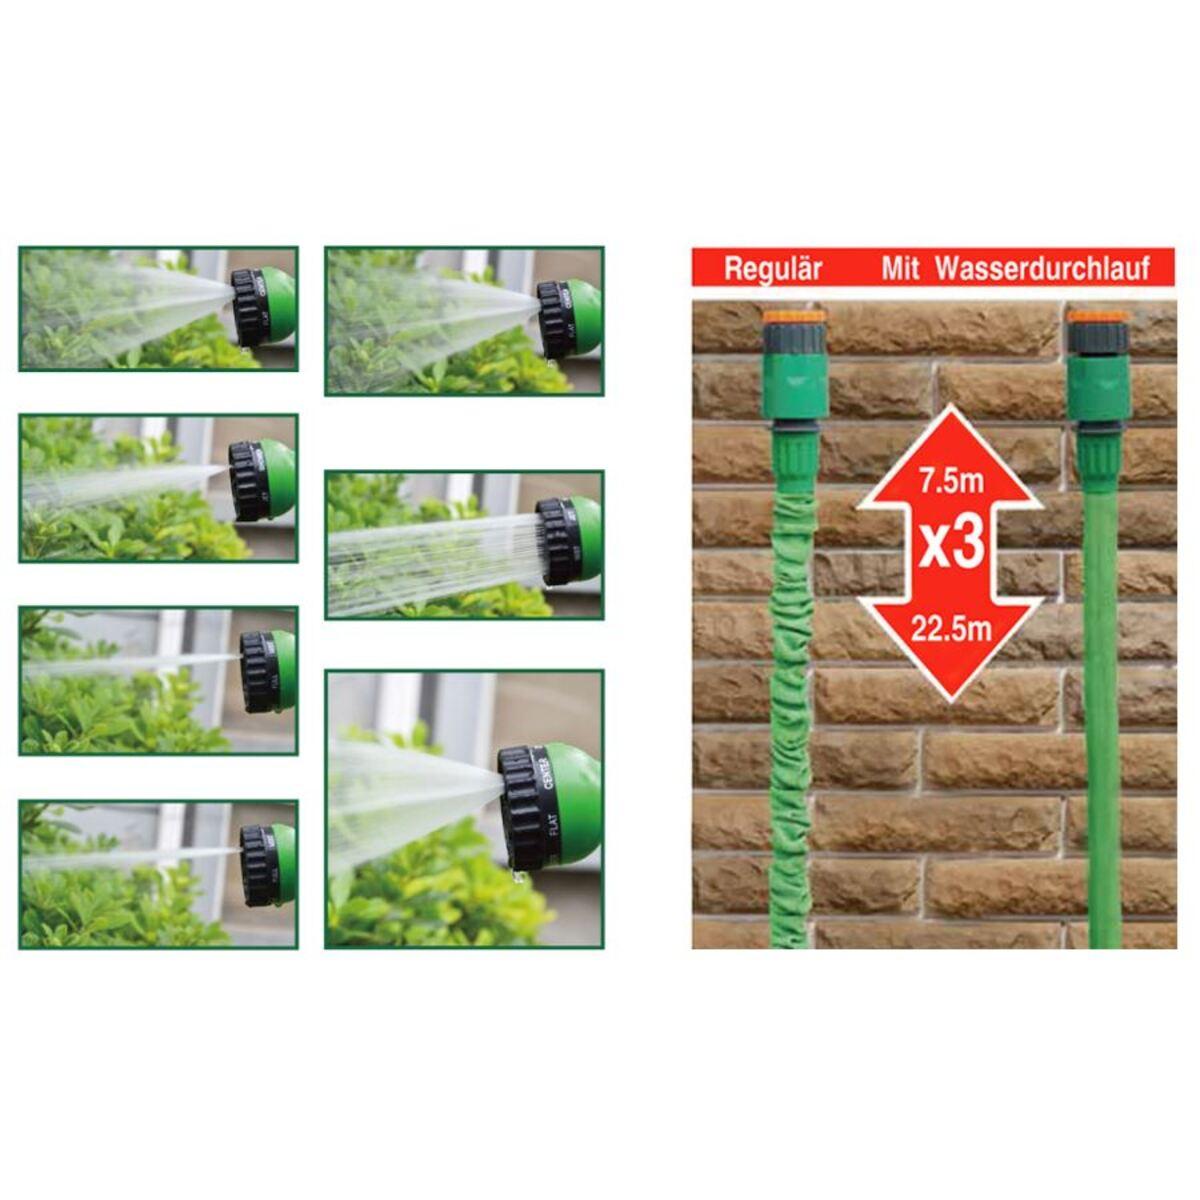 Bild 2 von Flexi Gartenschlauch 7,5-22,5m